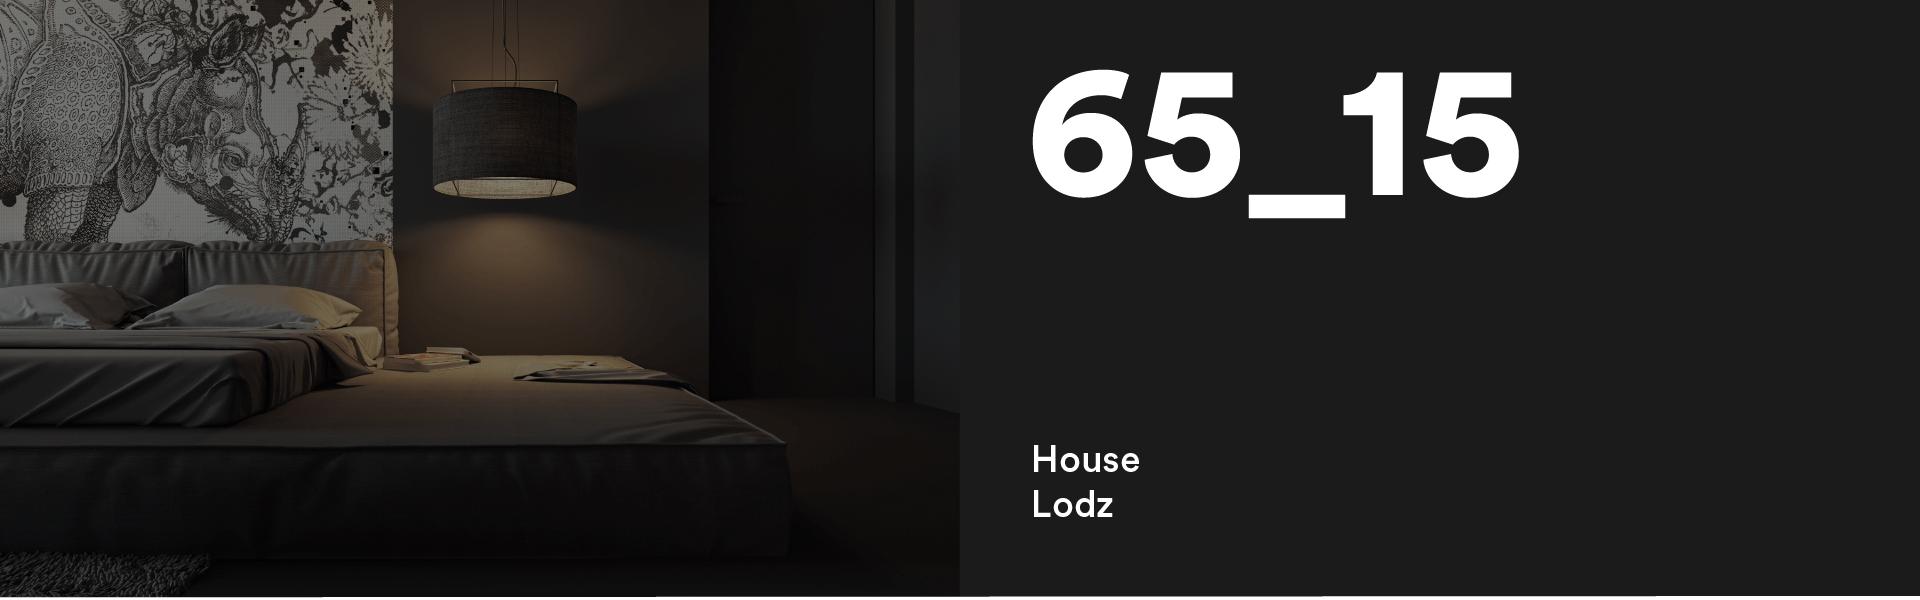 65_15 House Lodz